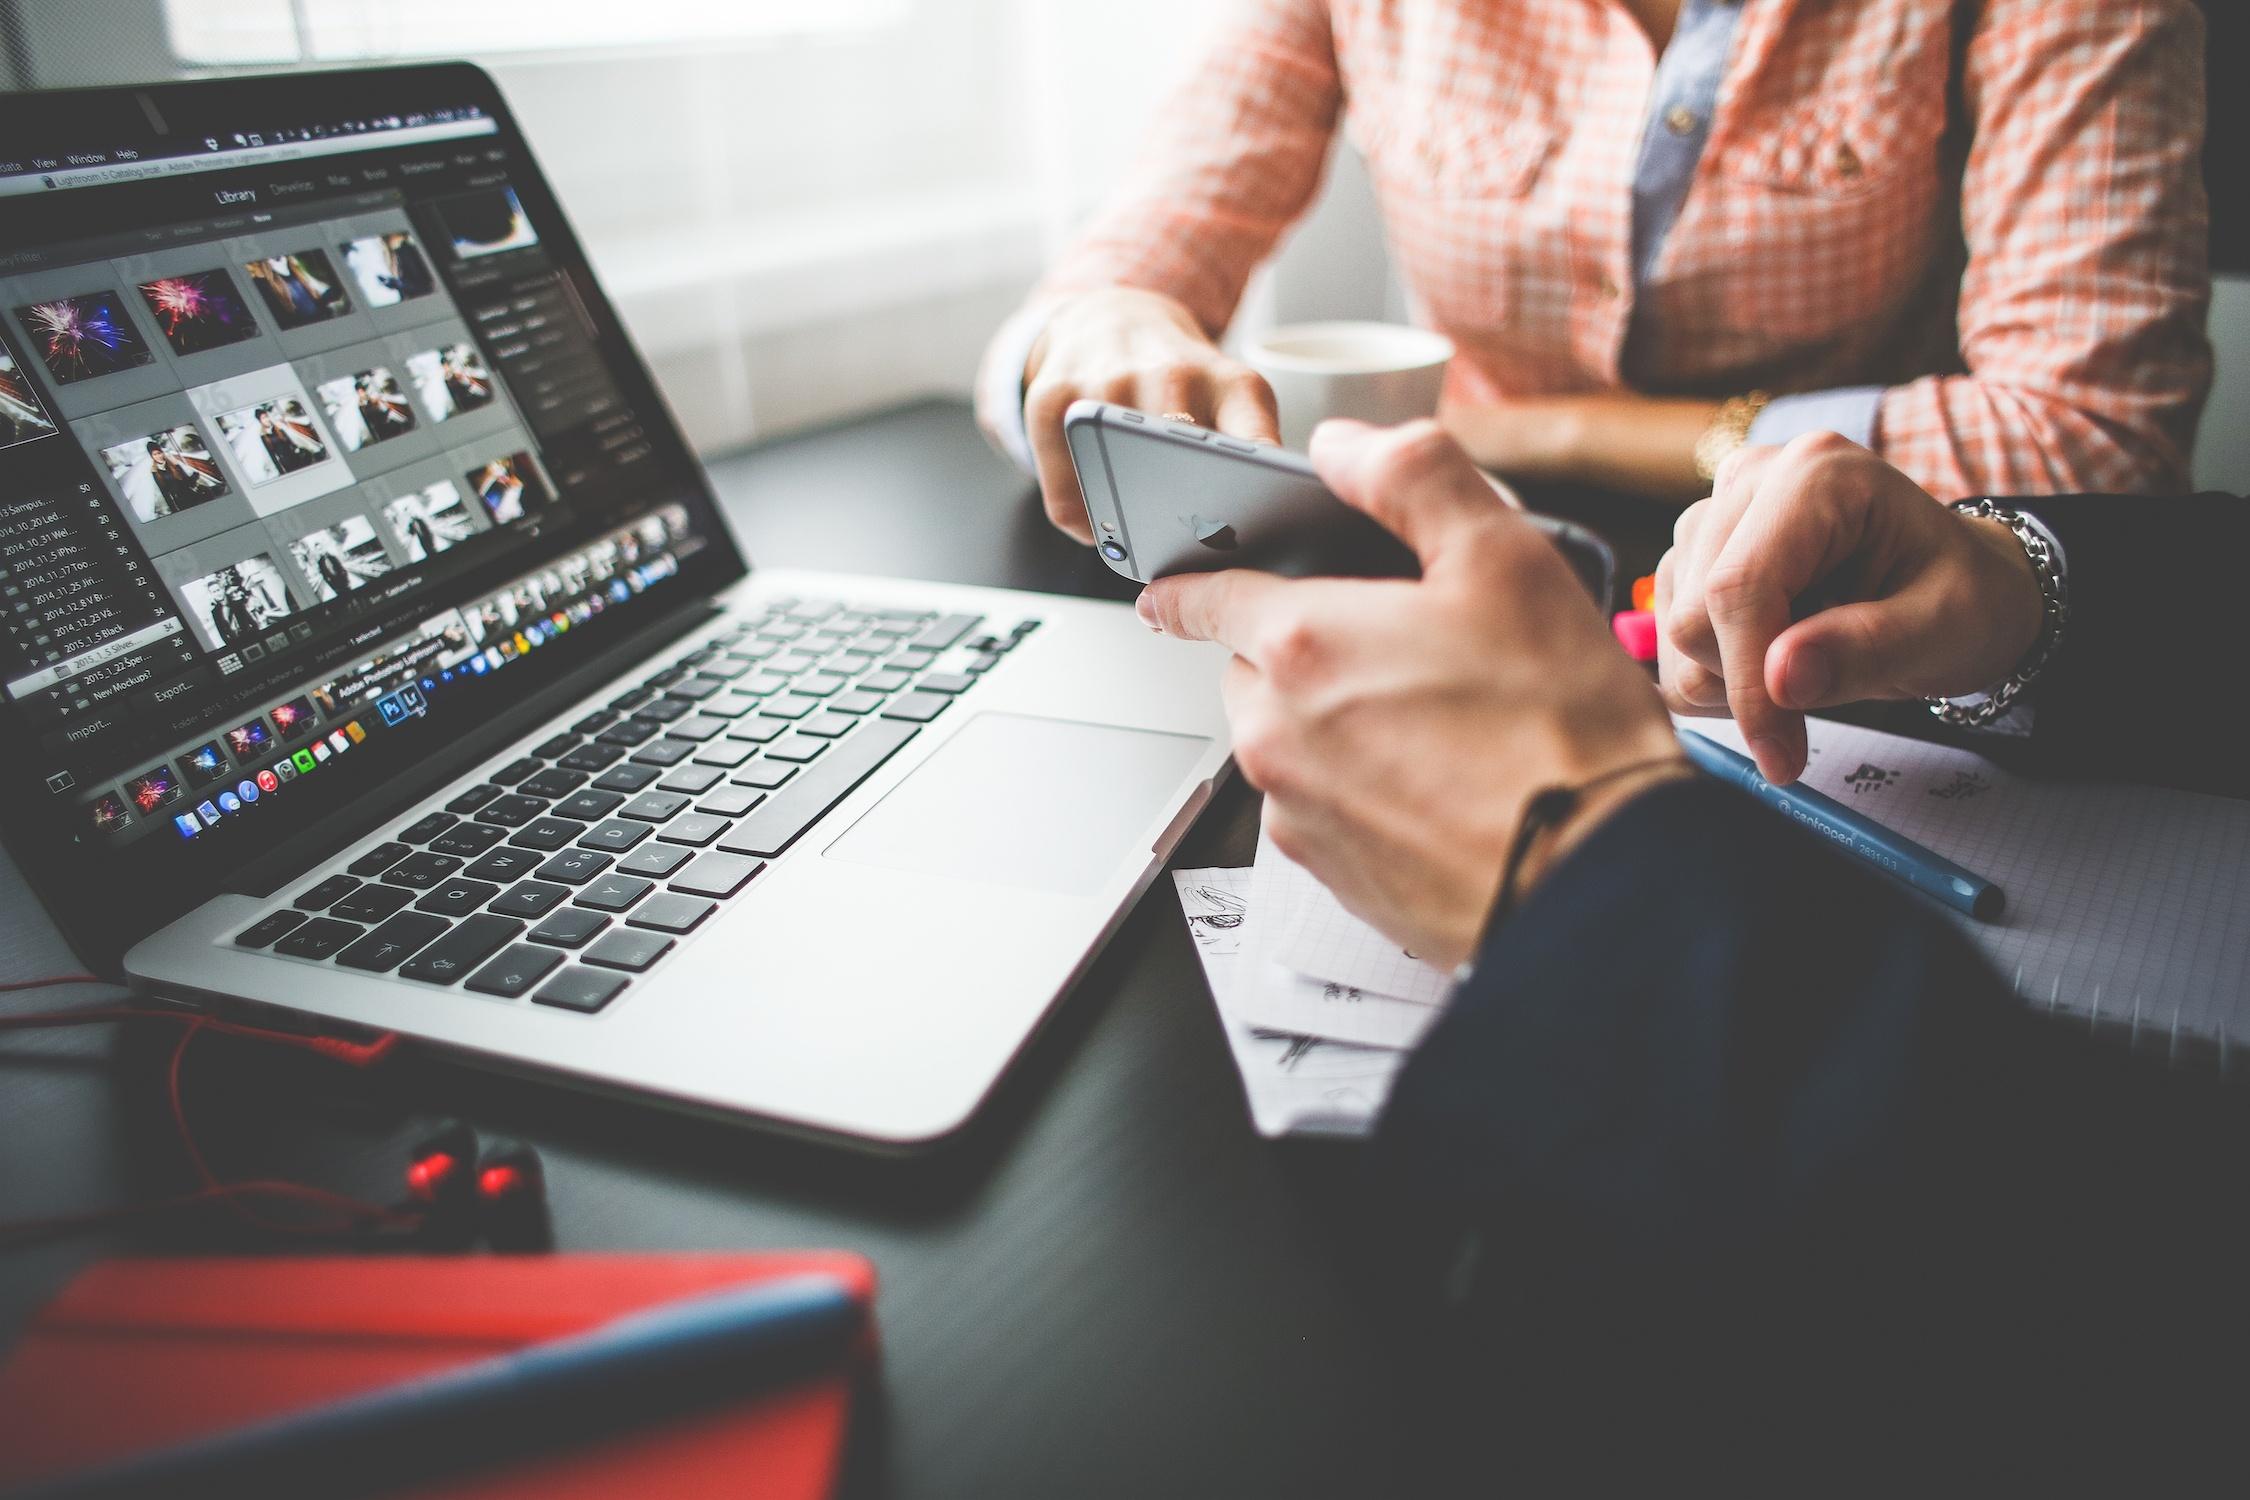 10 errores en redes sociales que pueden costarte tu trabajo